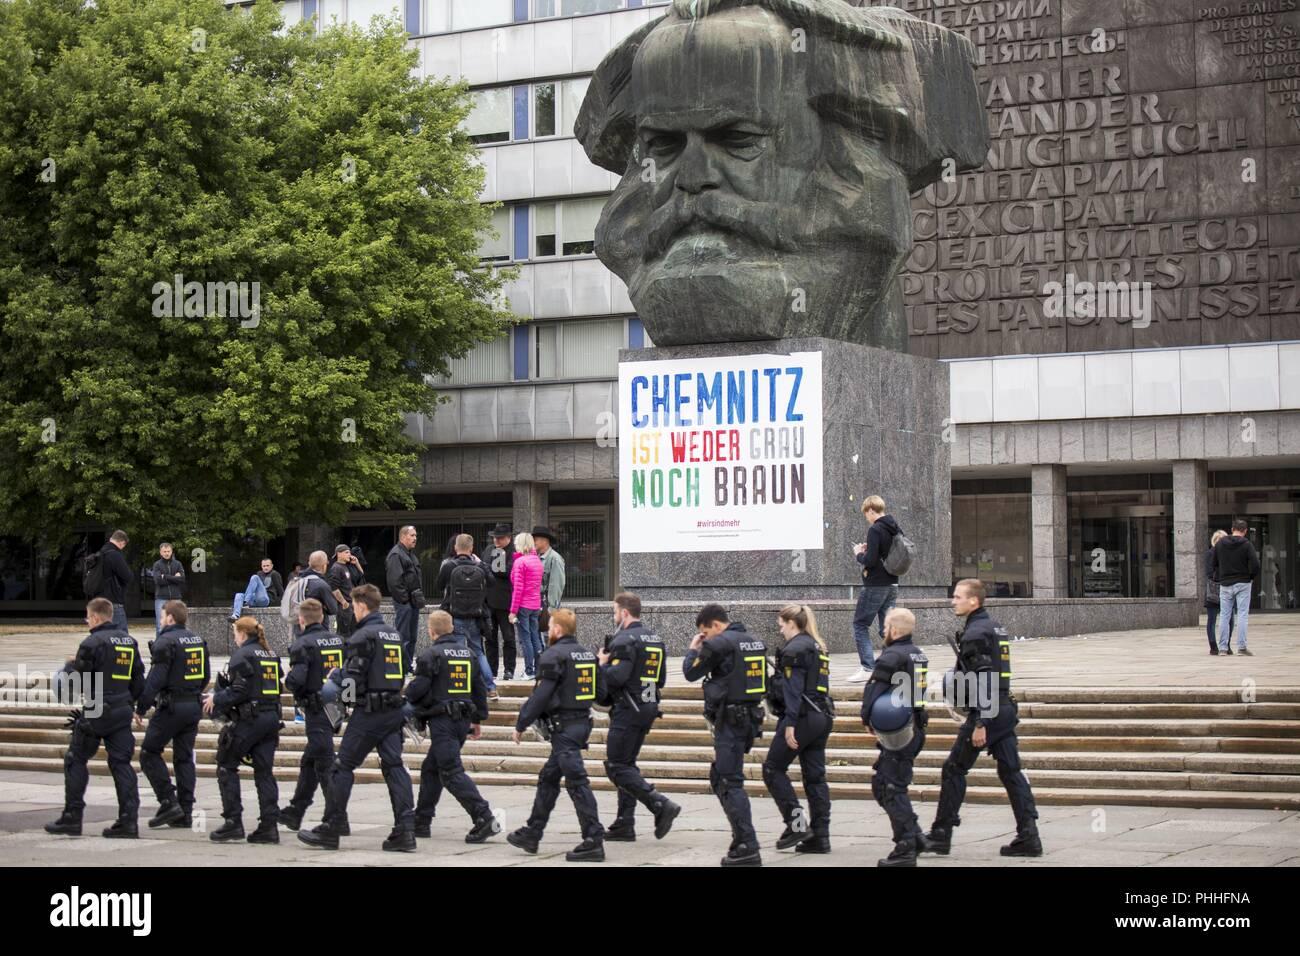 September 1, 2018 - Chemnitz, Sachsen, Deutschland - Gedenkstätte und Trauer der Daniel, der in der vergangenen Woche erstochen wurde (Bild: © Jannis Grosse/ZUMA Draht) Stockfoto